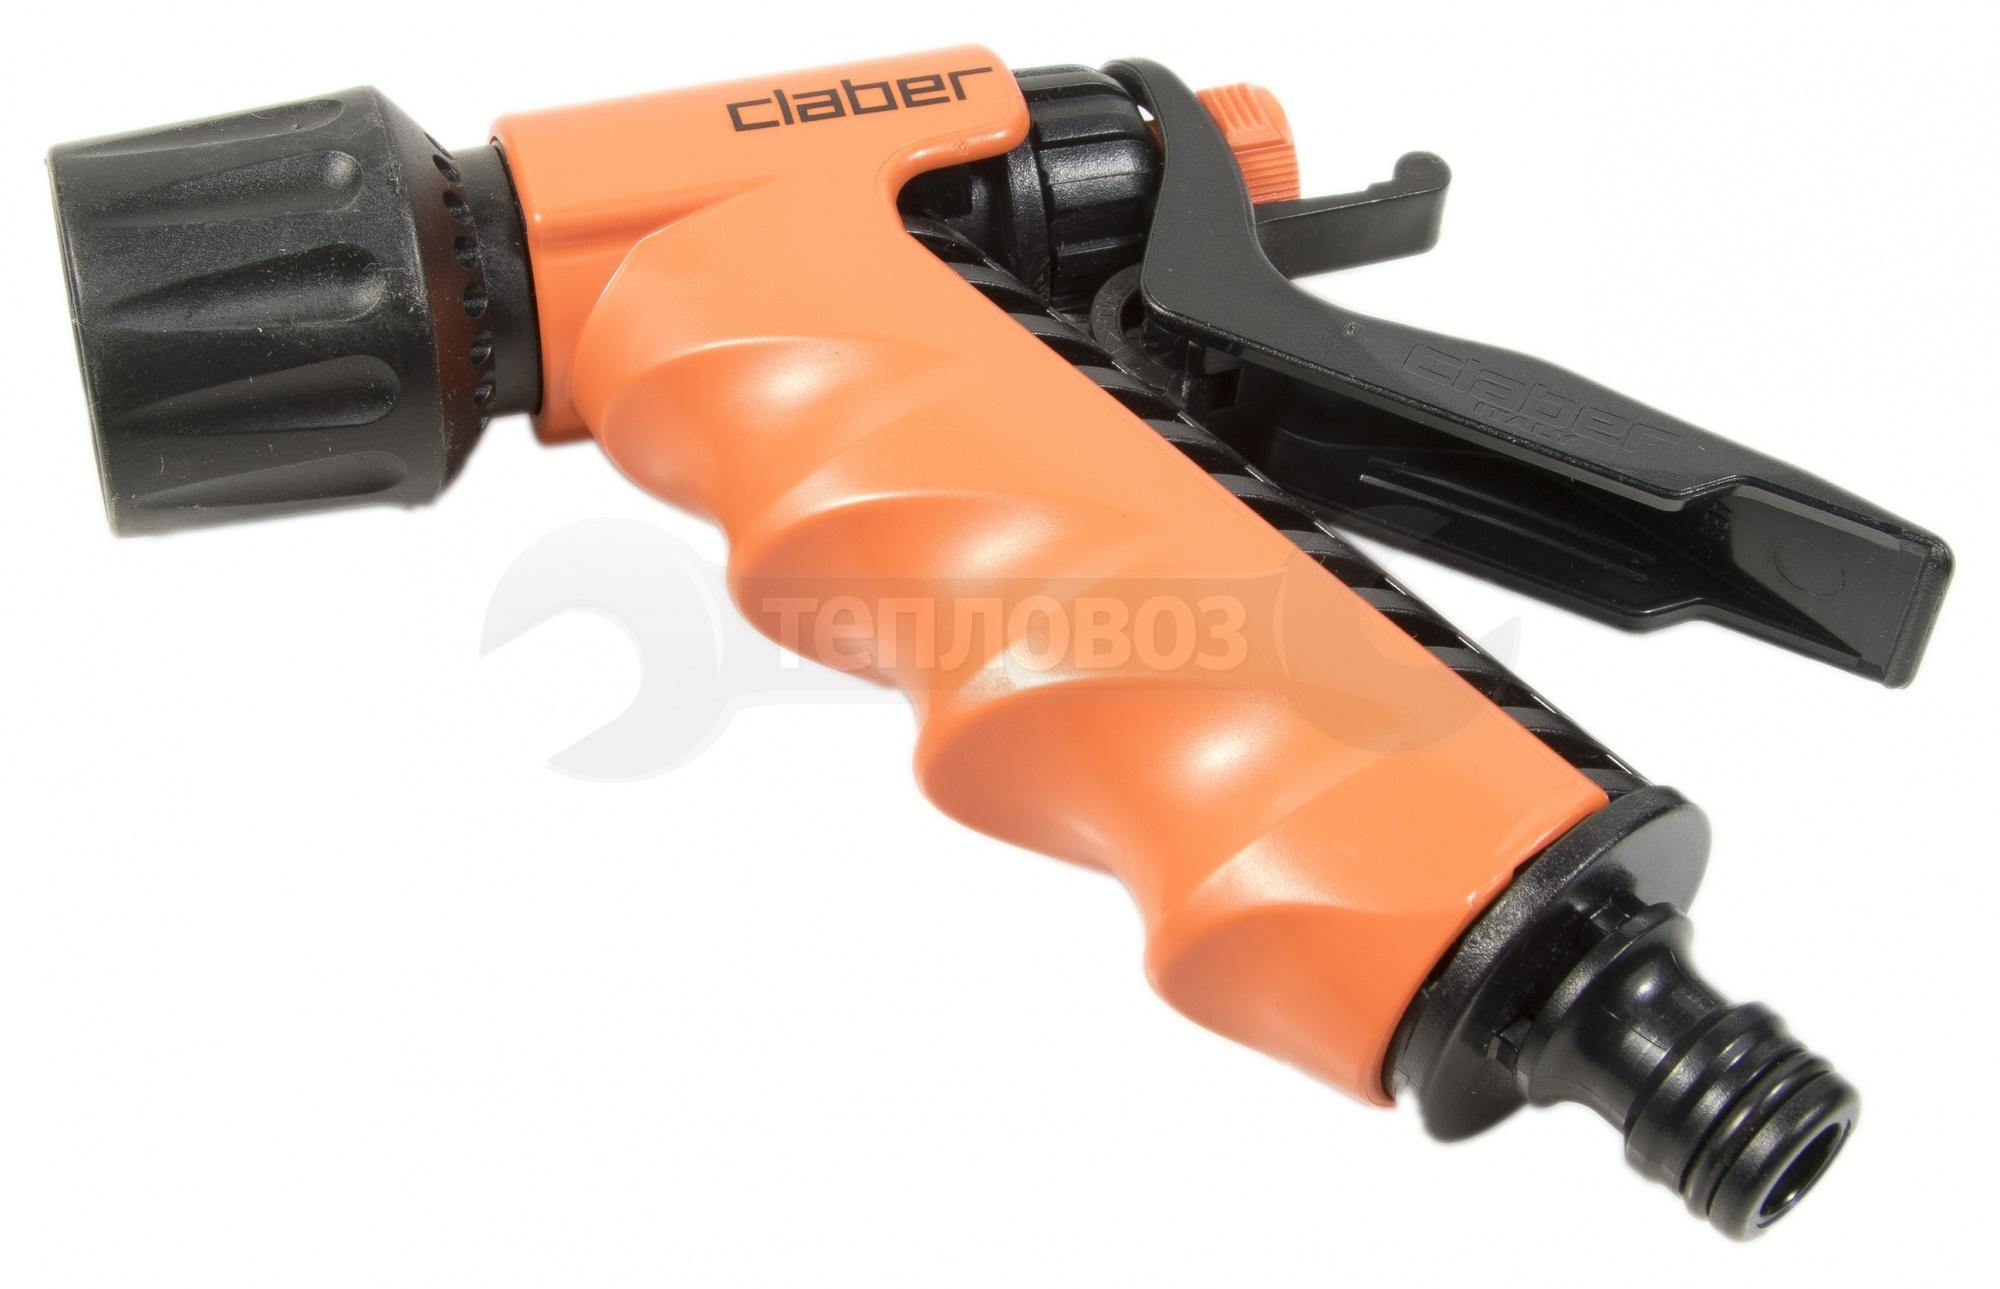 Claber Ergo 8538